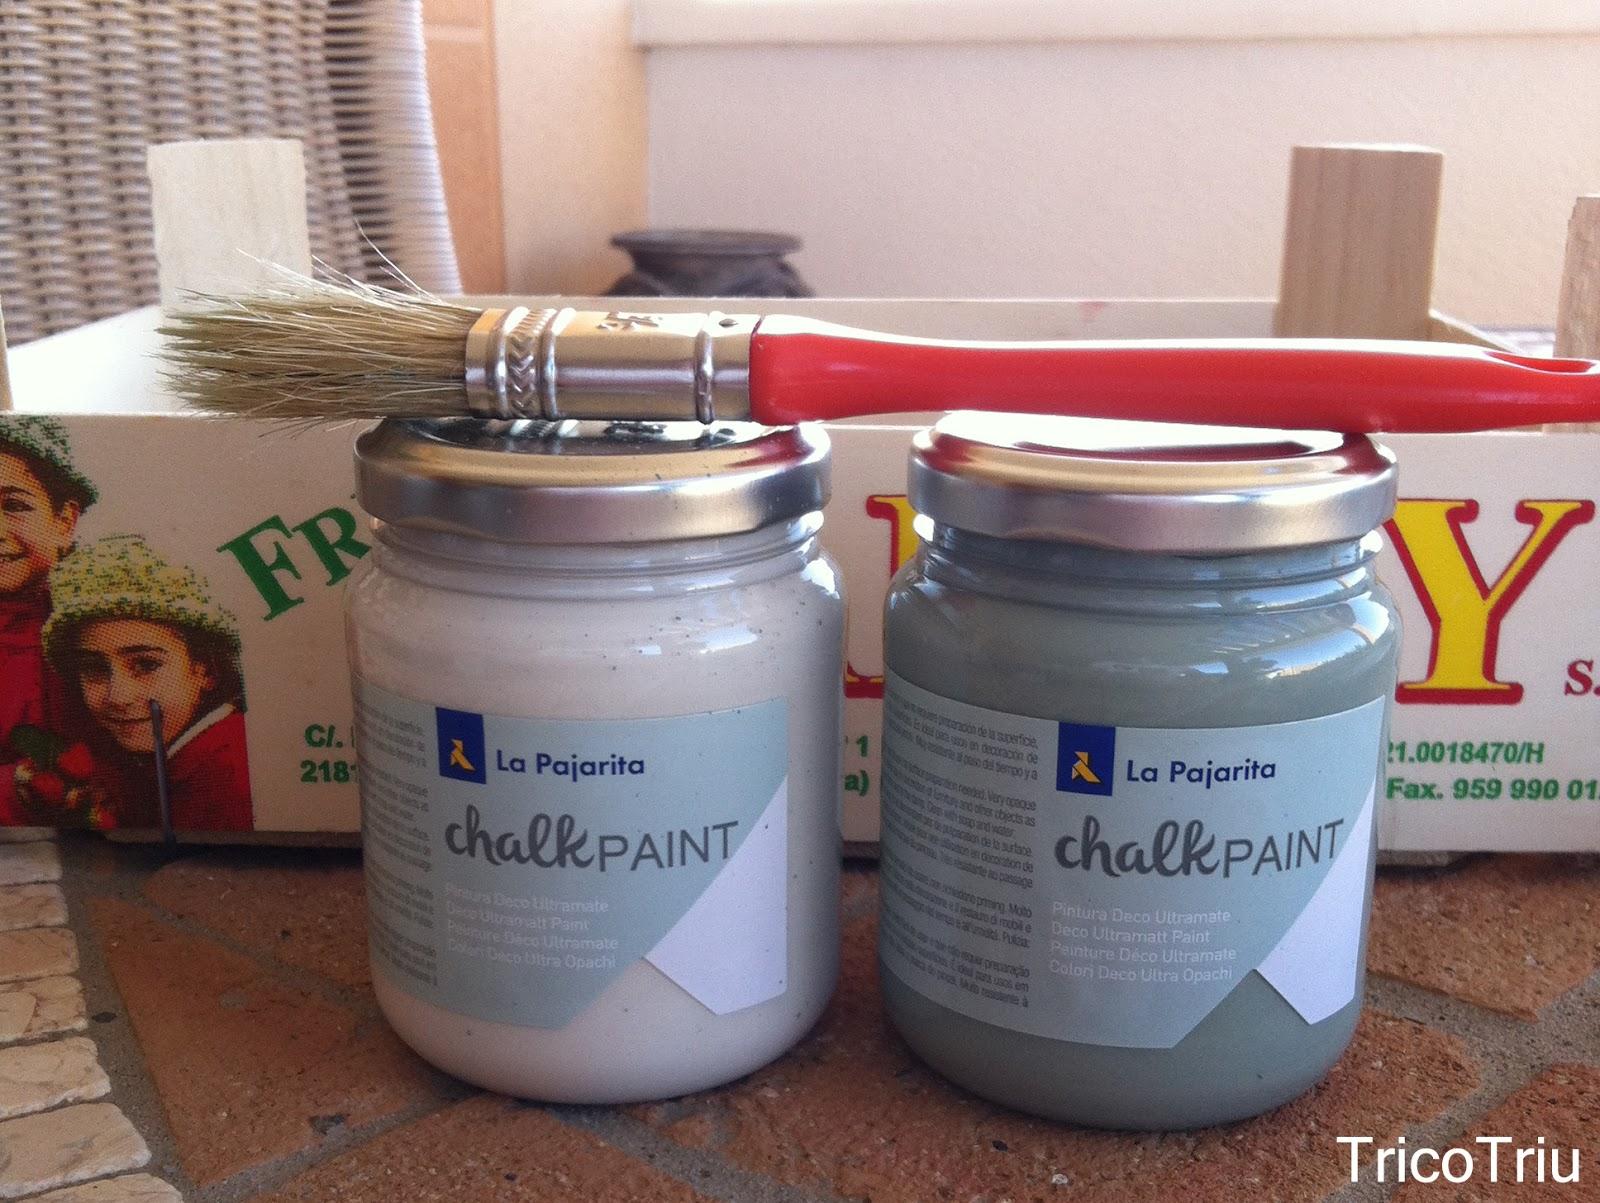 la pintura chalk paint se extiende con facilidad y es bastante cubriente pero yo he preferido darle una segunda capa para decorar la caja simplemente he - Cajas De Frutas Decoradas